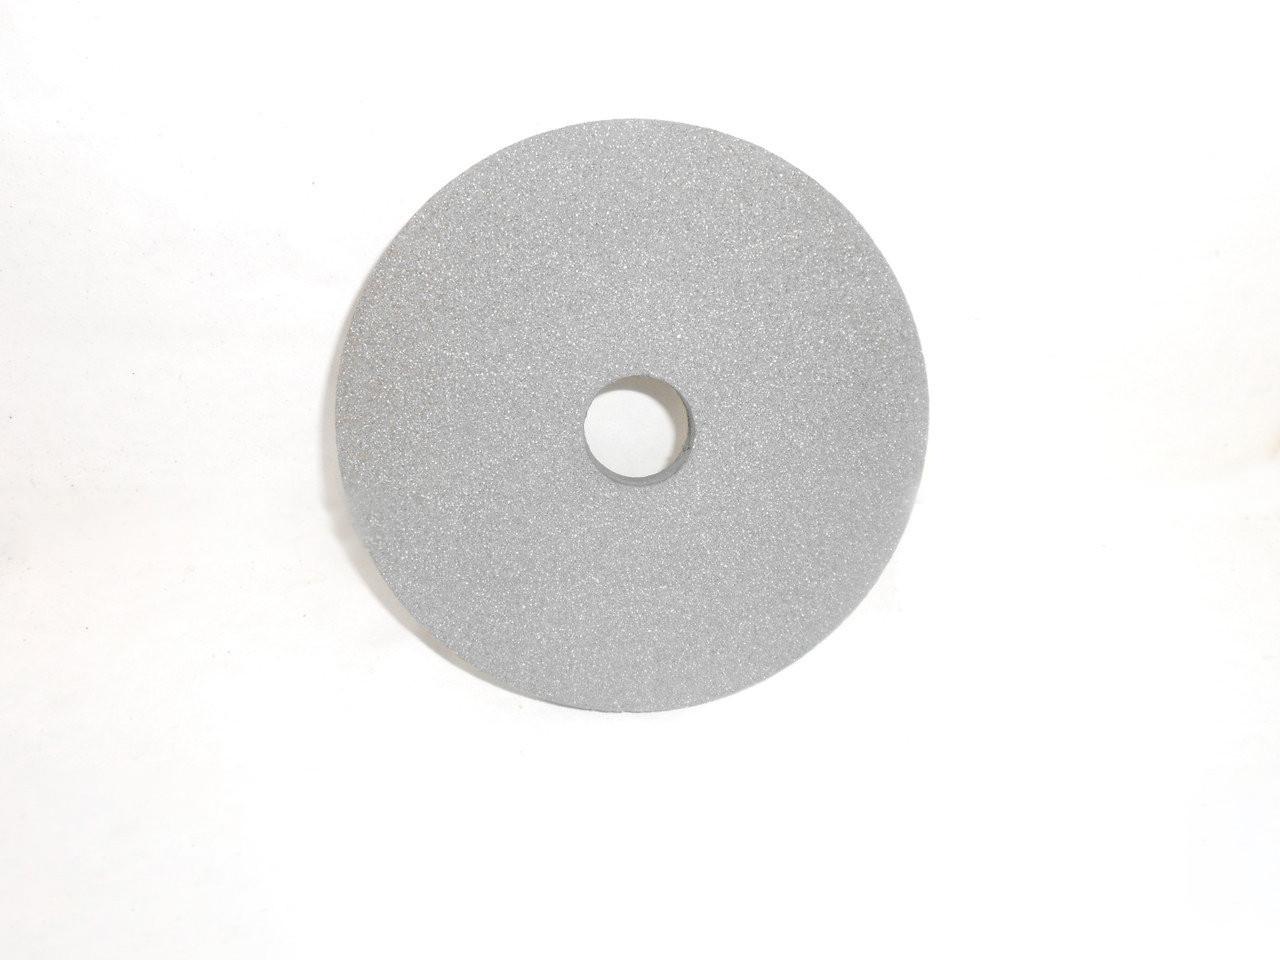 Круг шлифовальный 14А ПП 600х32х305  40 СТ, С